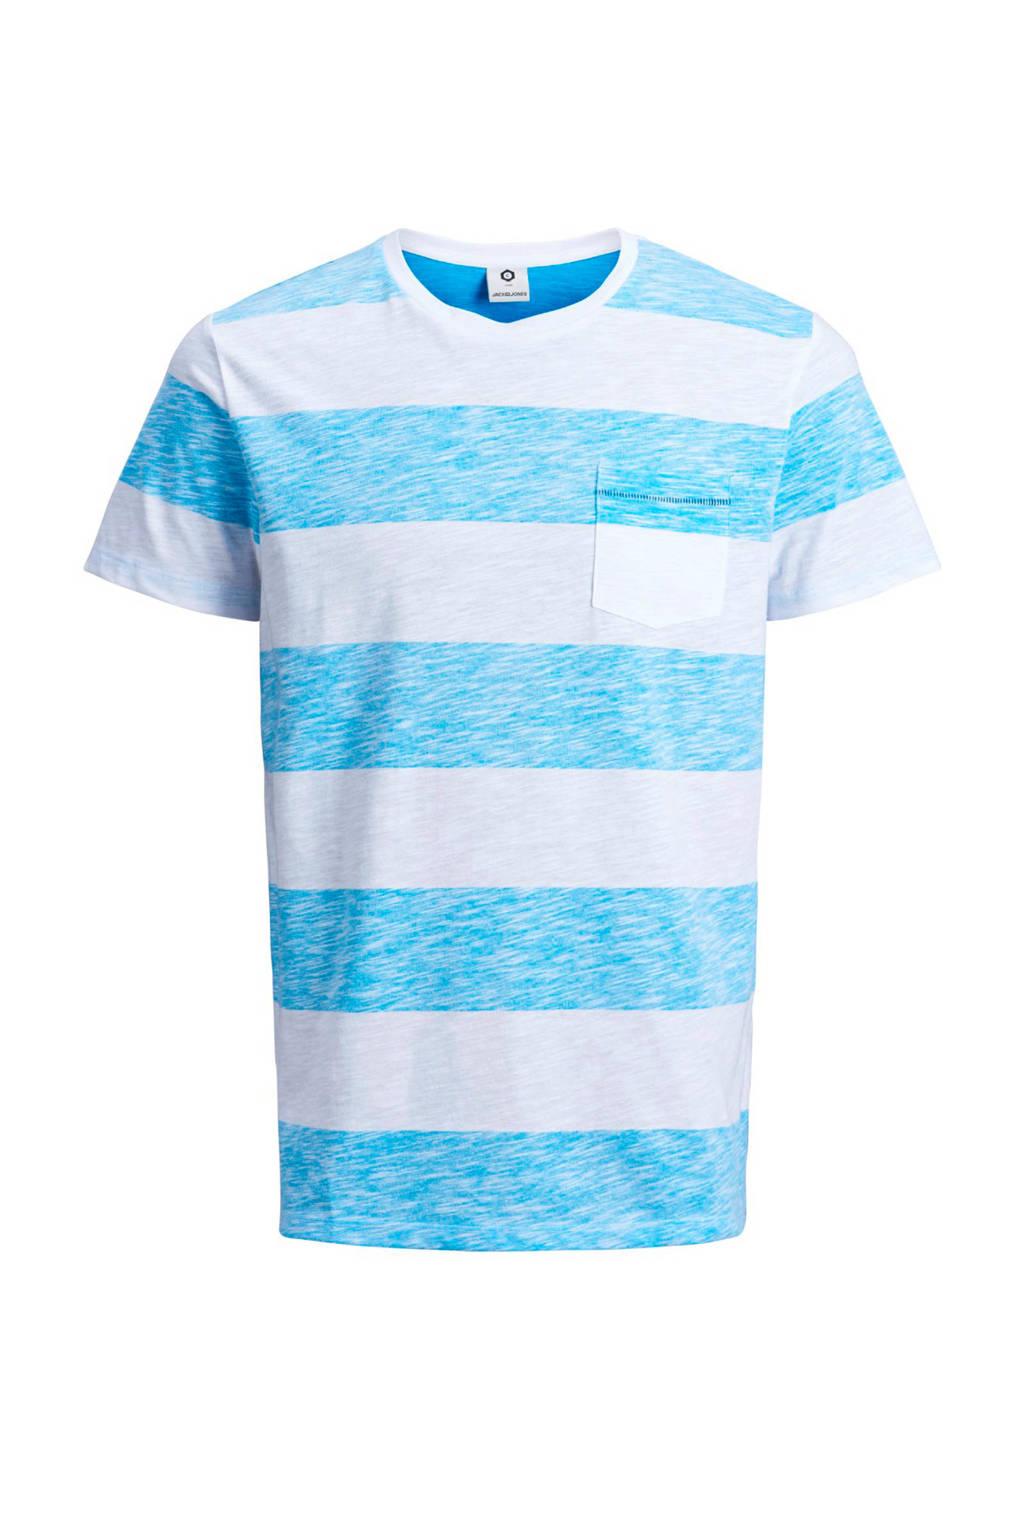 Jack & Jones Core slim fit T-shirt met strepen, Blauw/wit